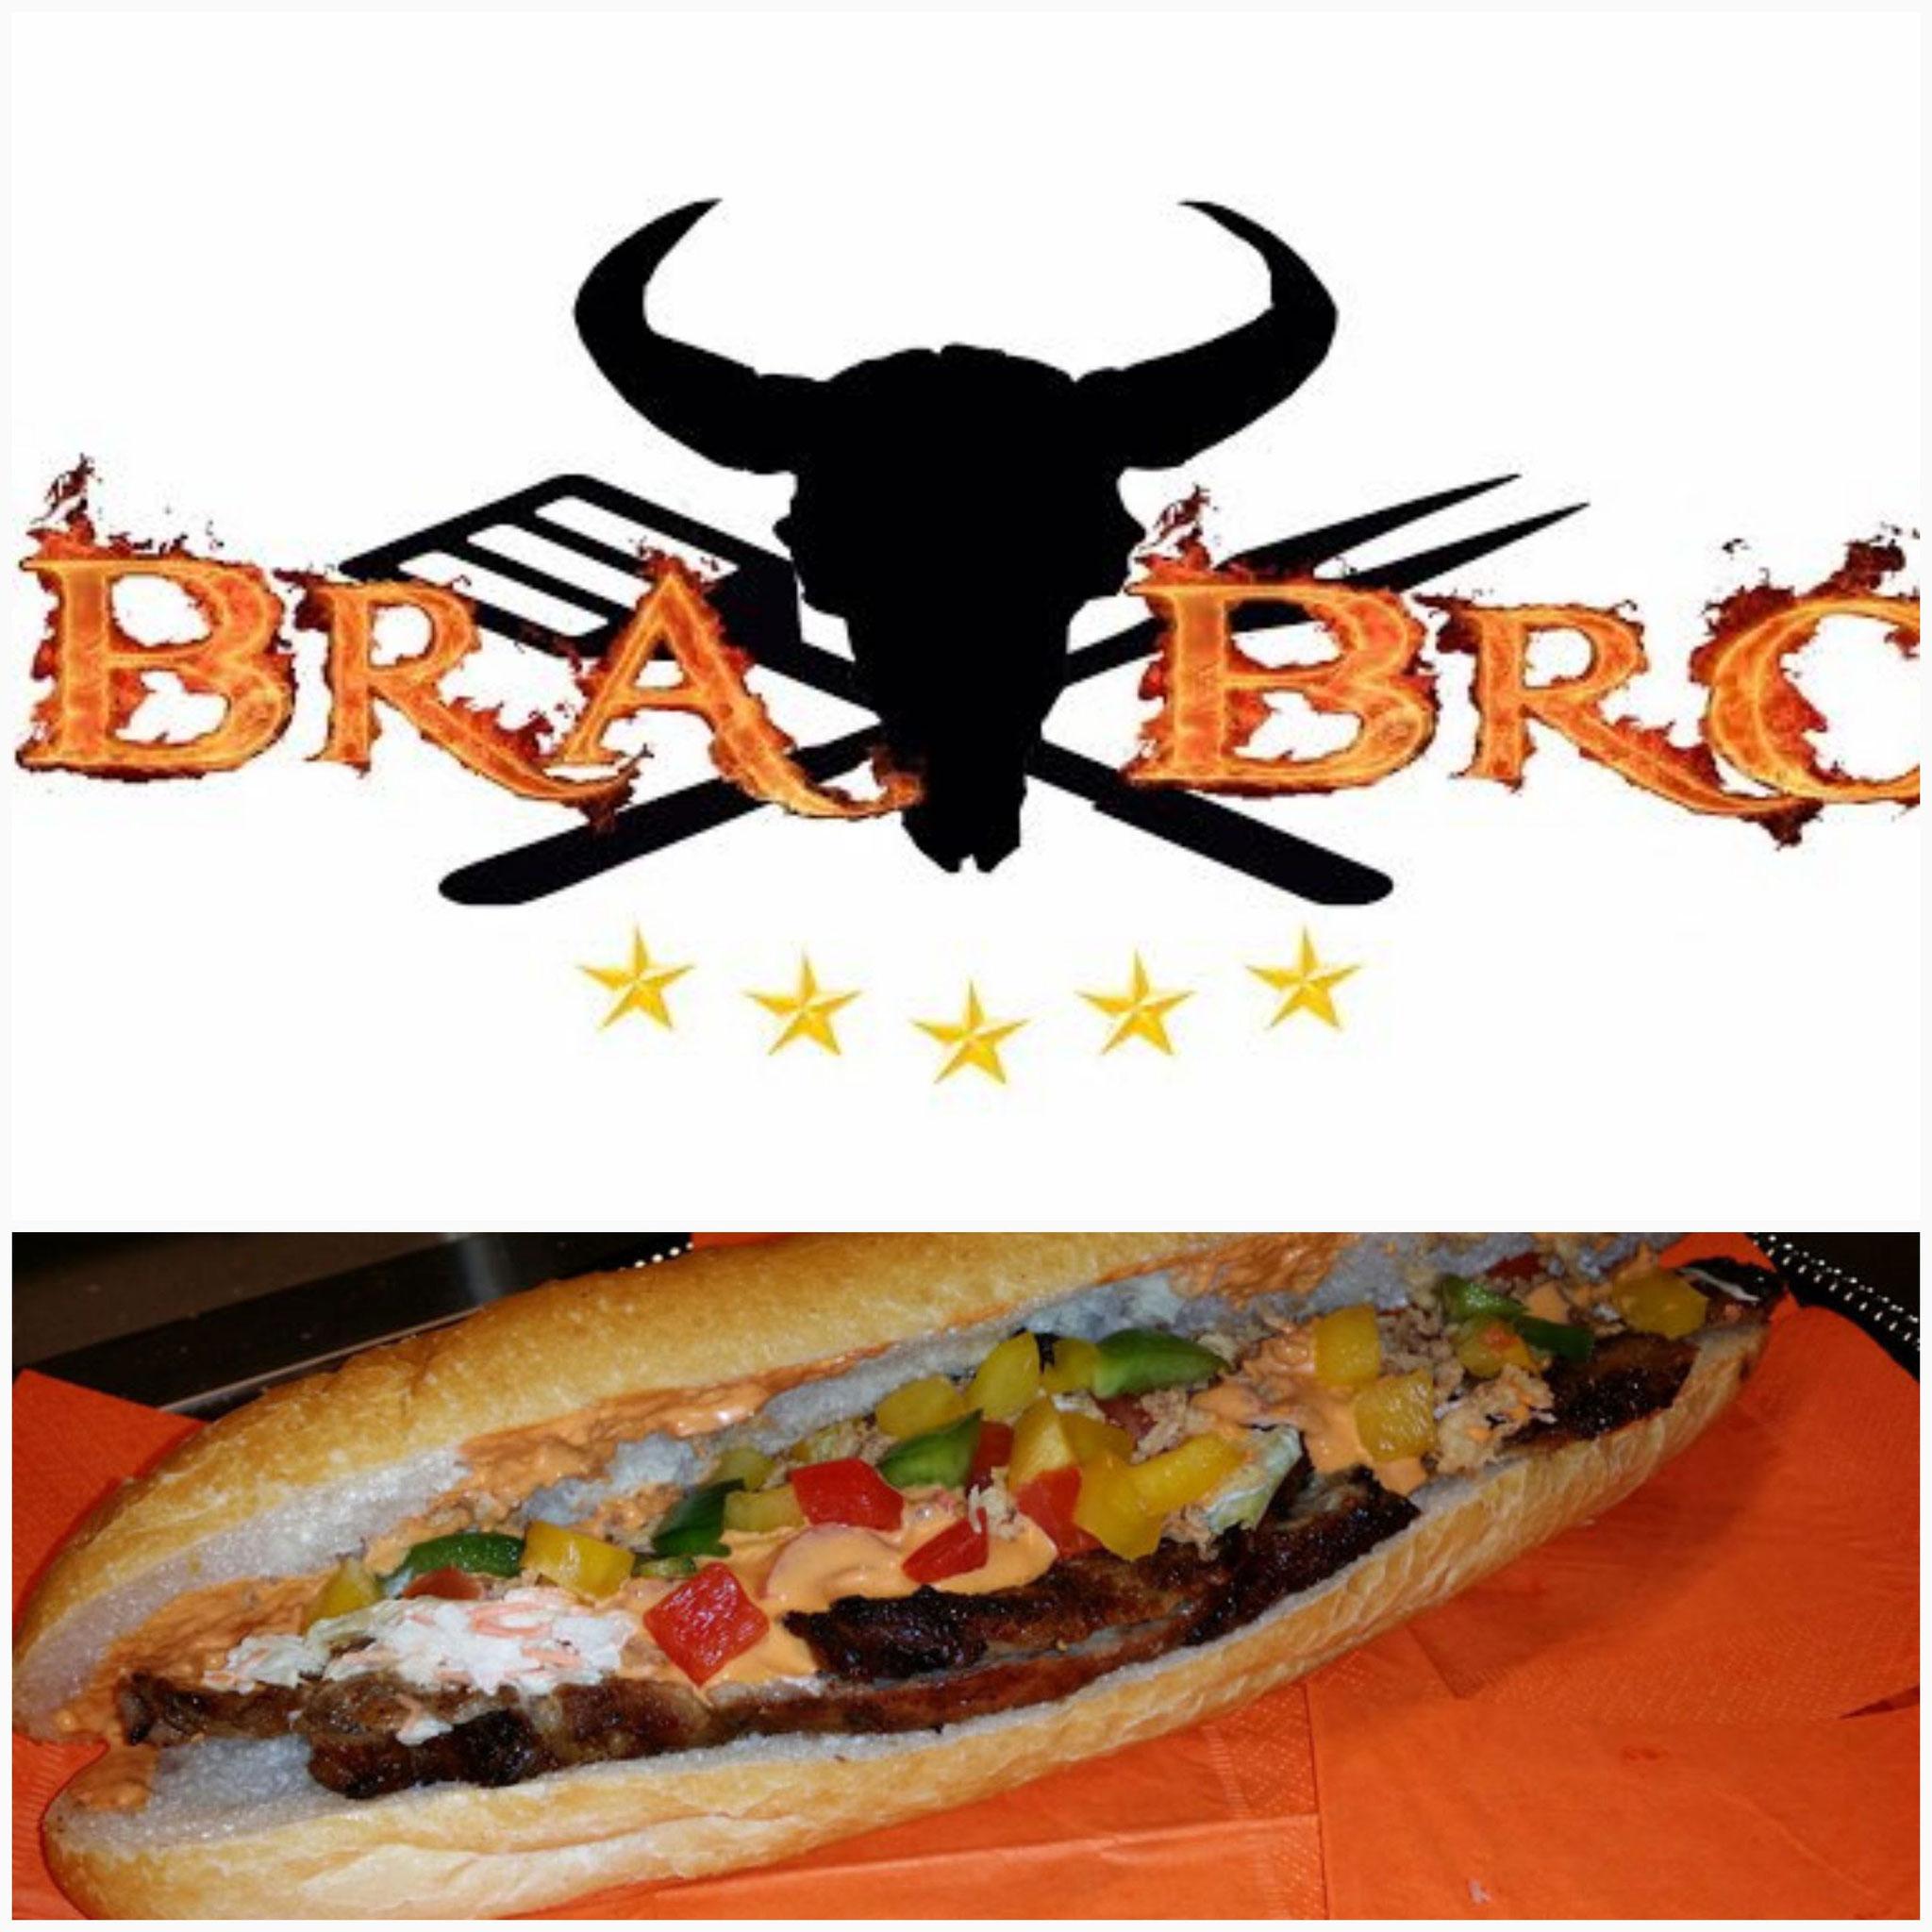 19 Bra-Bro Gourmet Imbiss: Braten-Brot